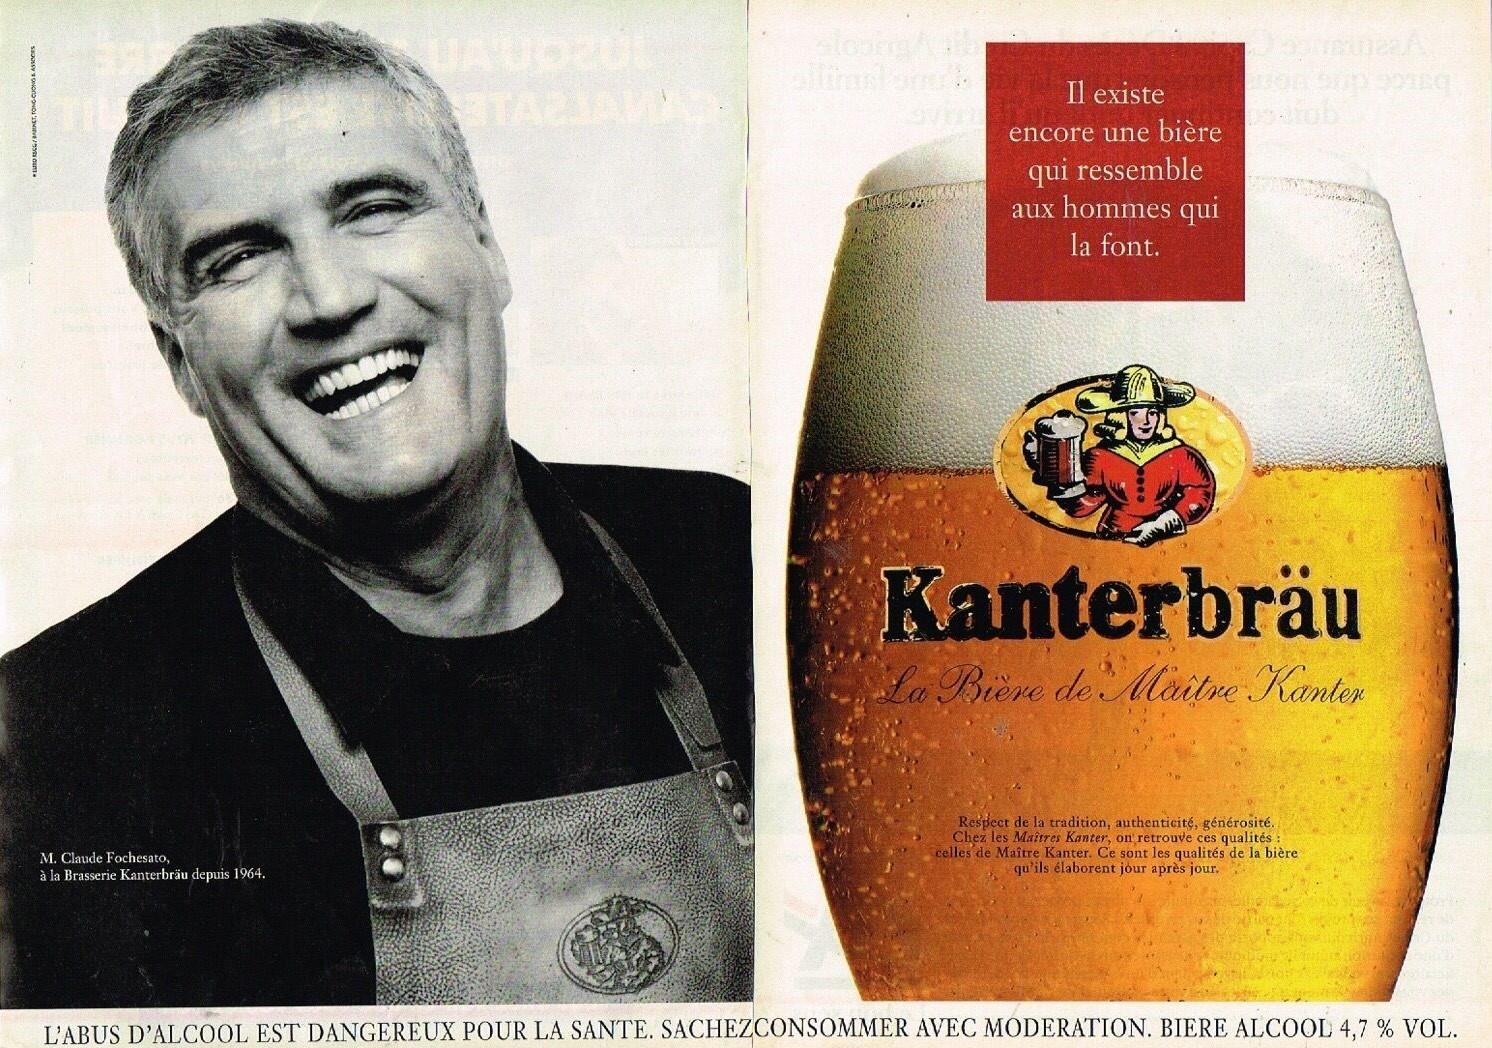 Kanterbrau 1994 A1 Mr Claude Fochesato